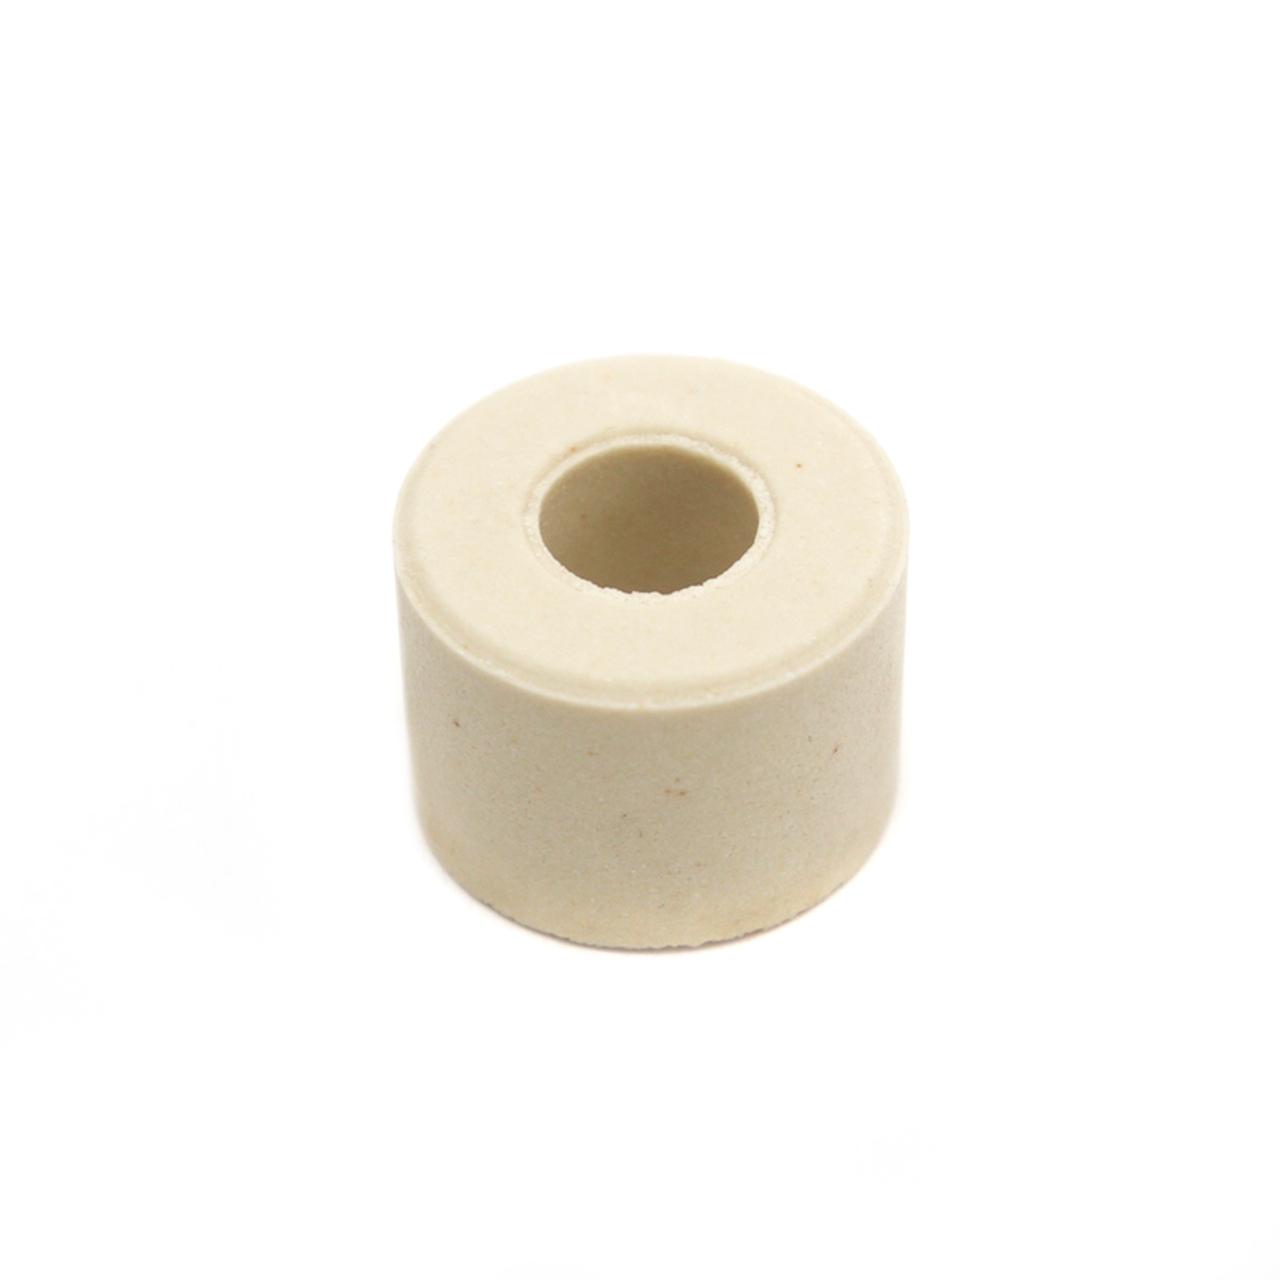 Add a set of 4x small kiln posts - Approx. 20mm Diameter x 14.5mm H each.